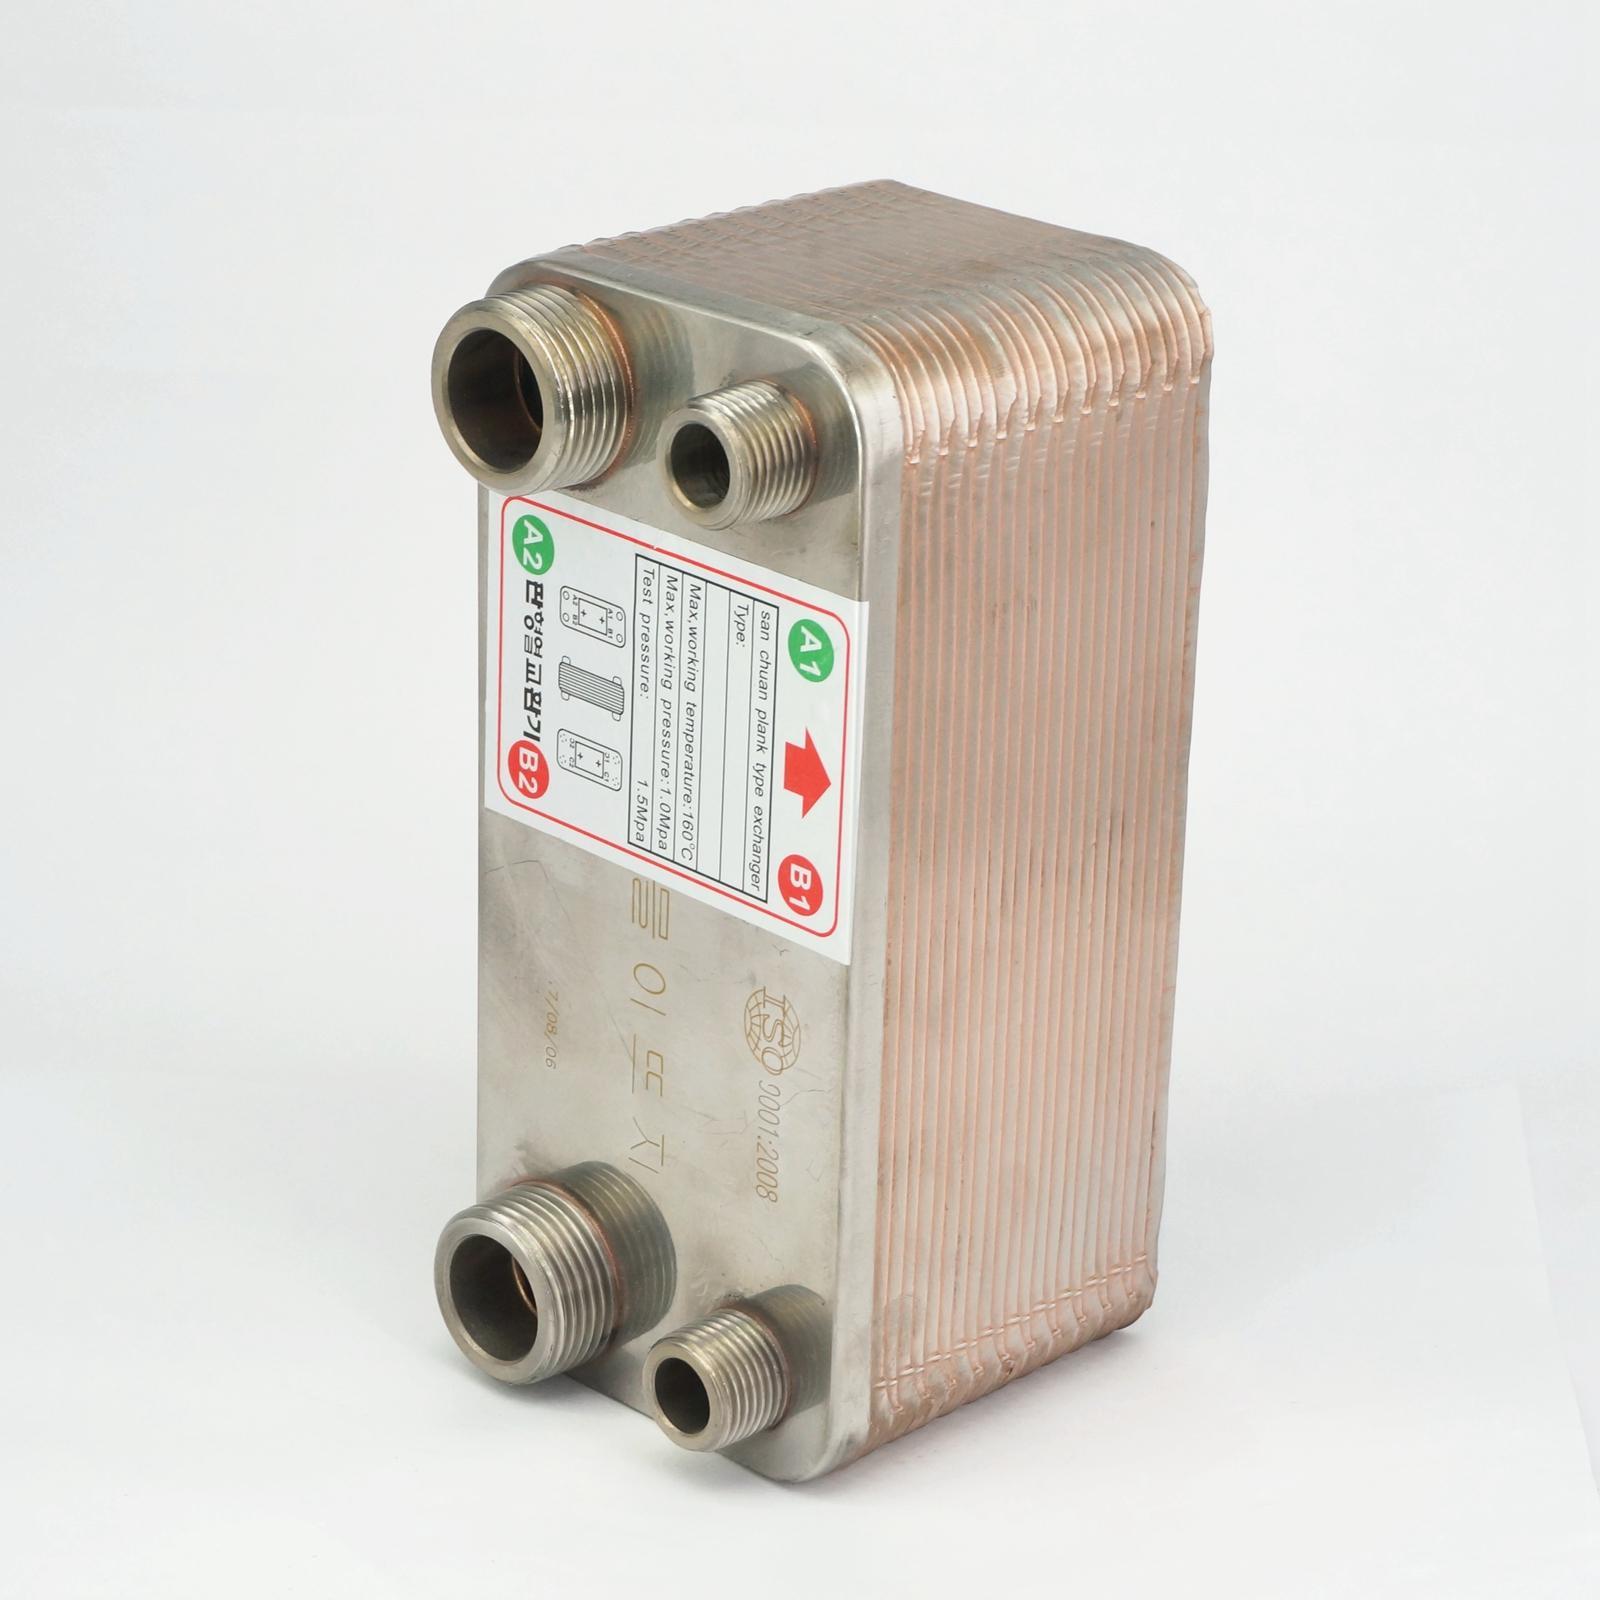 24 пластин теплообменник пивного сусла охладитель 304 Нержавеющаясталь для домашнего пивоварения